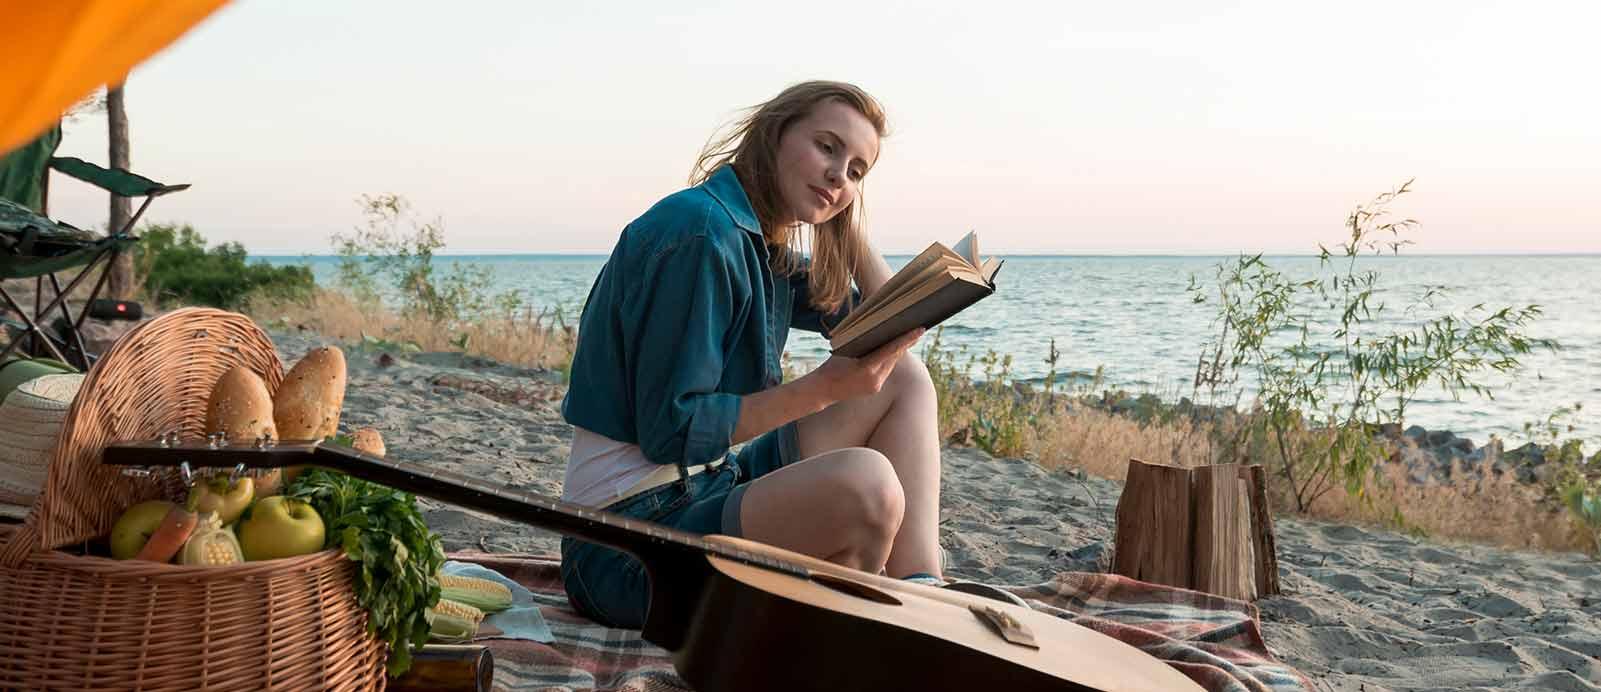 upline-libros-recomendados-disfrutando